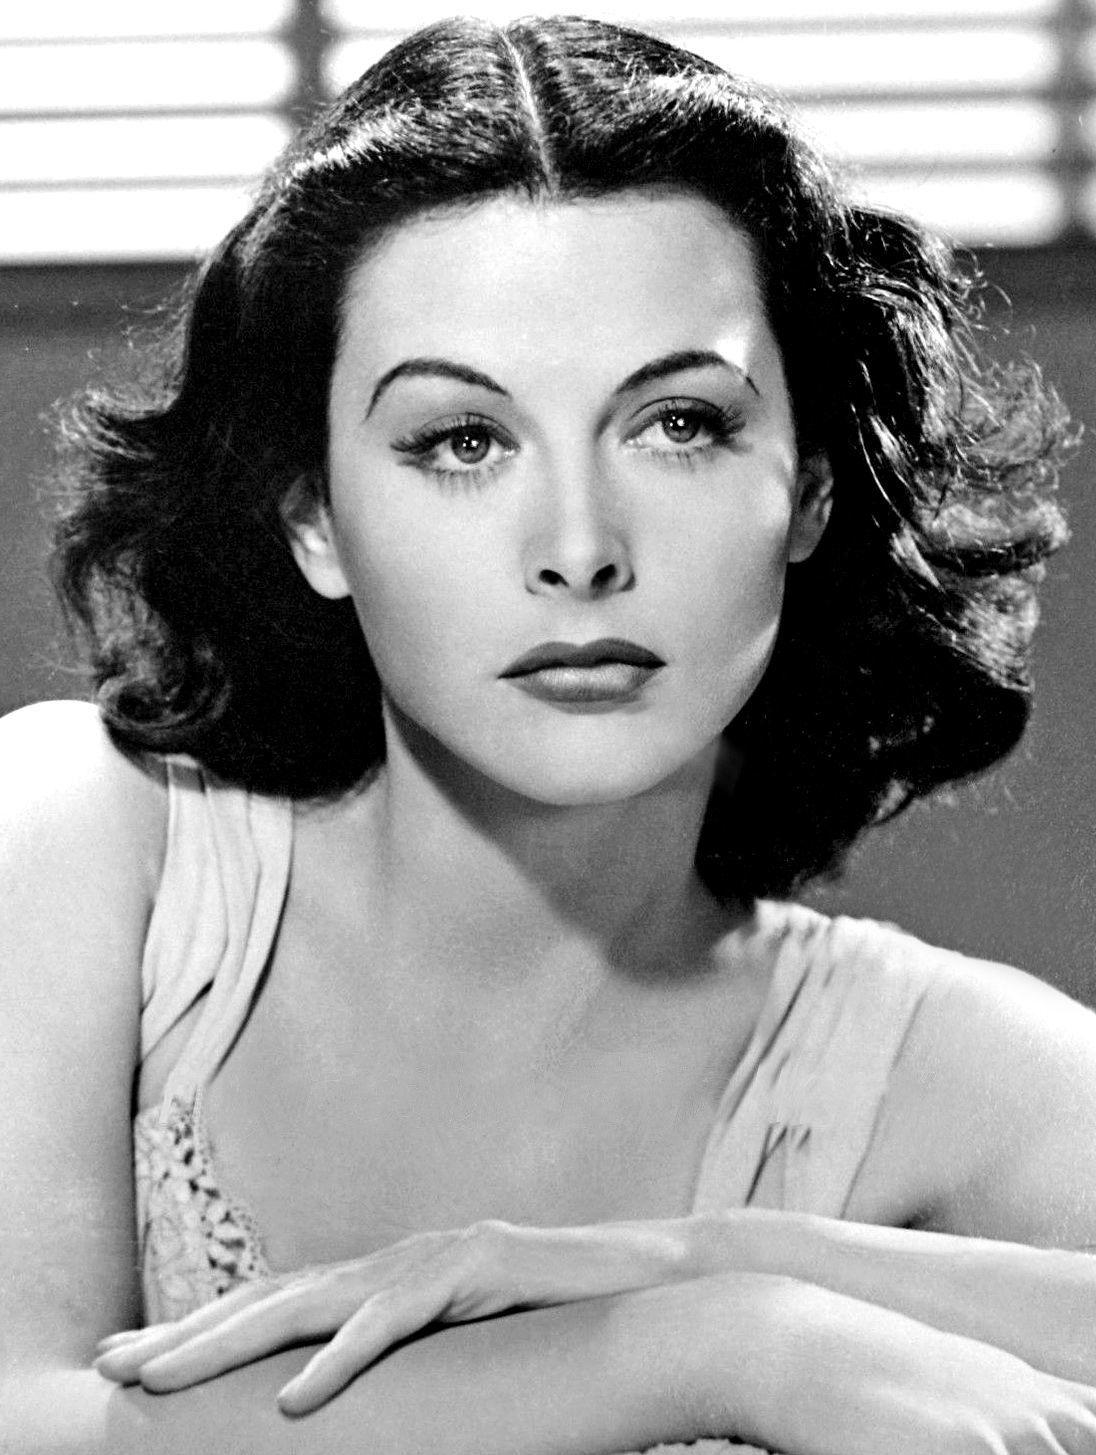 Hedy Lamarr, la estrella de Hollywood que también destacó como científica